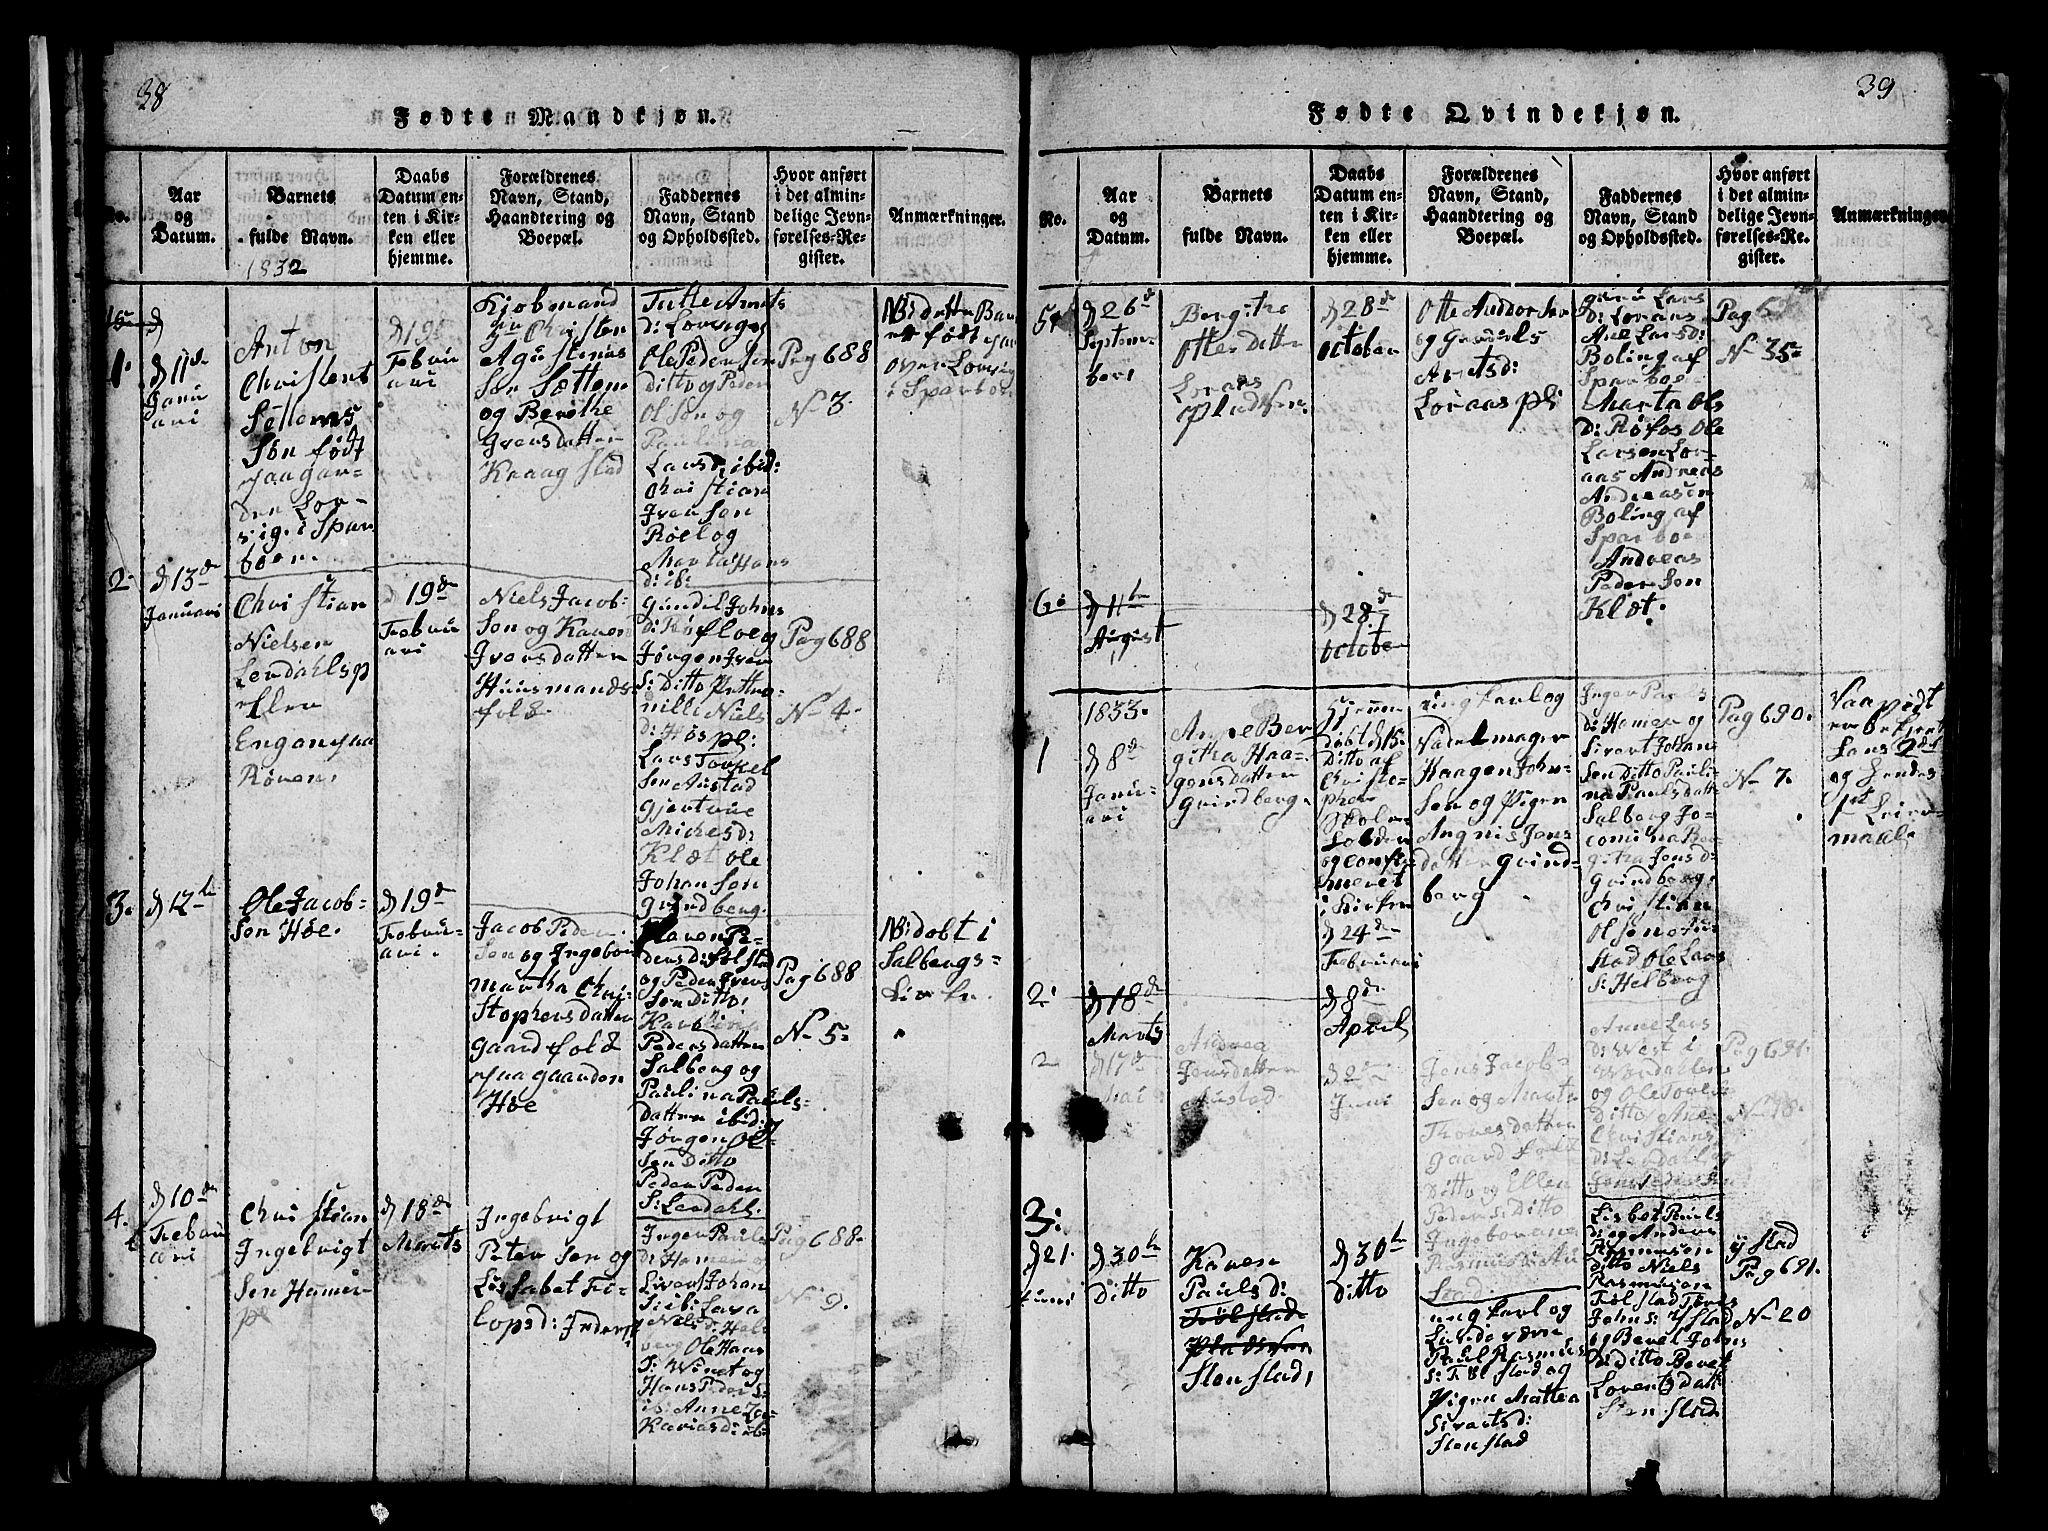 SAT, Ministerialprotokoller, klokkerbøker og fødselsregistre - Nord-Trøndelag, 731/L0310: Klokkerbok nr. 731C01, 1816-1874, s. 38-39